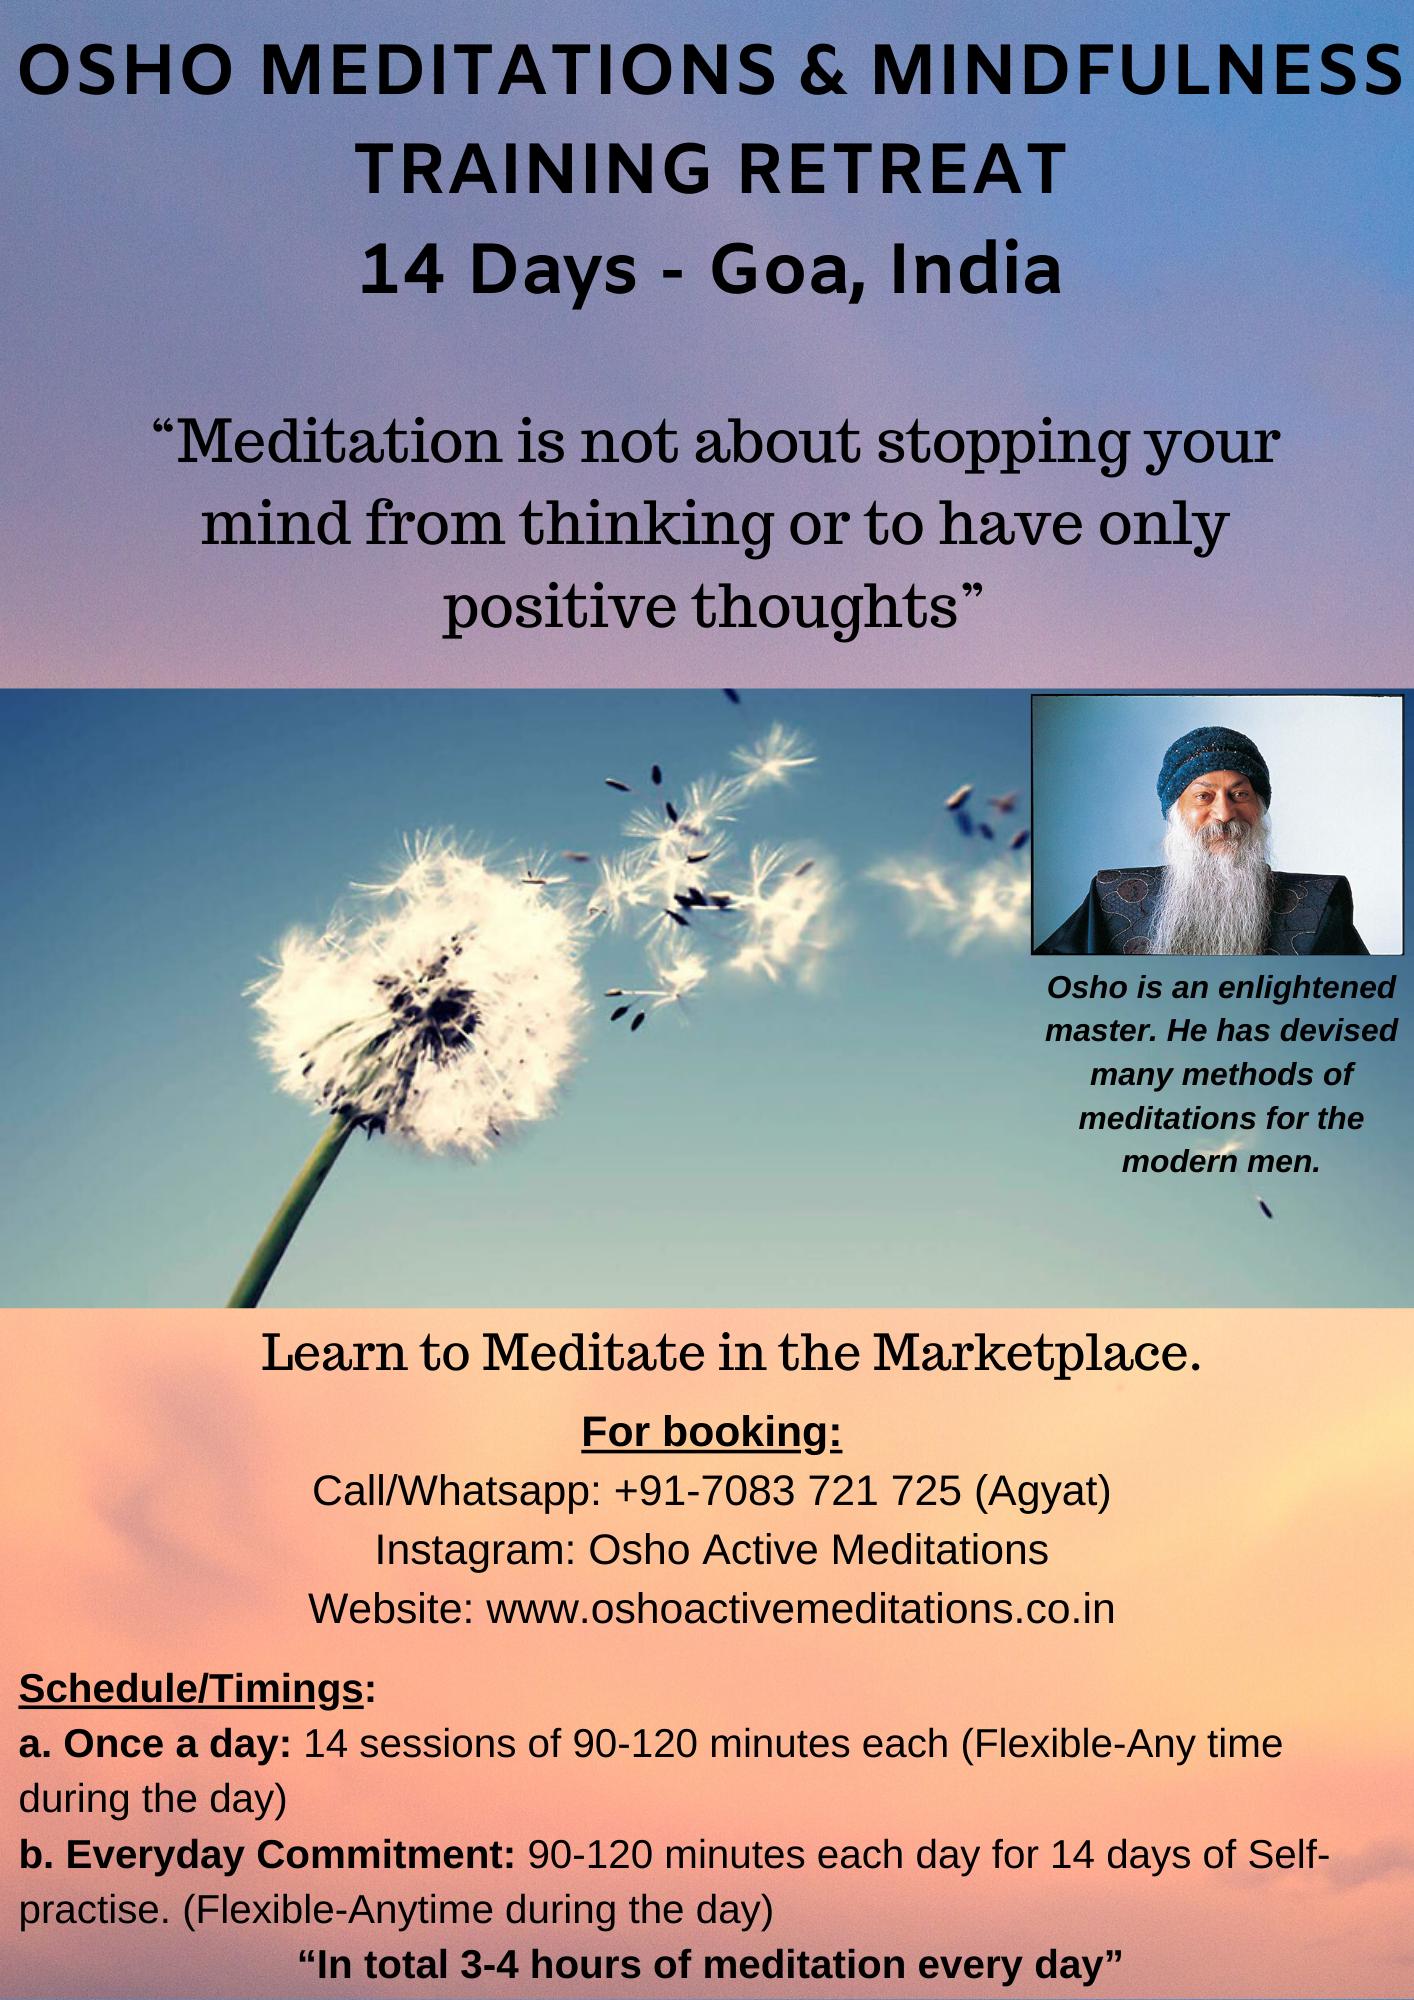 Osho Meditations and Mindfulness Training Retreat - 14 days, Goa, India - Pic 1